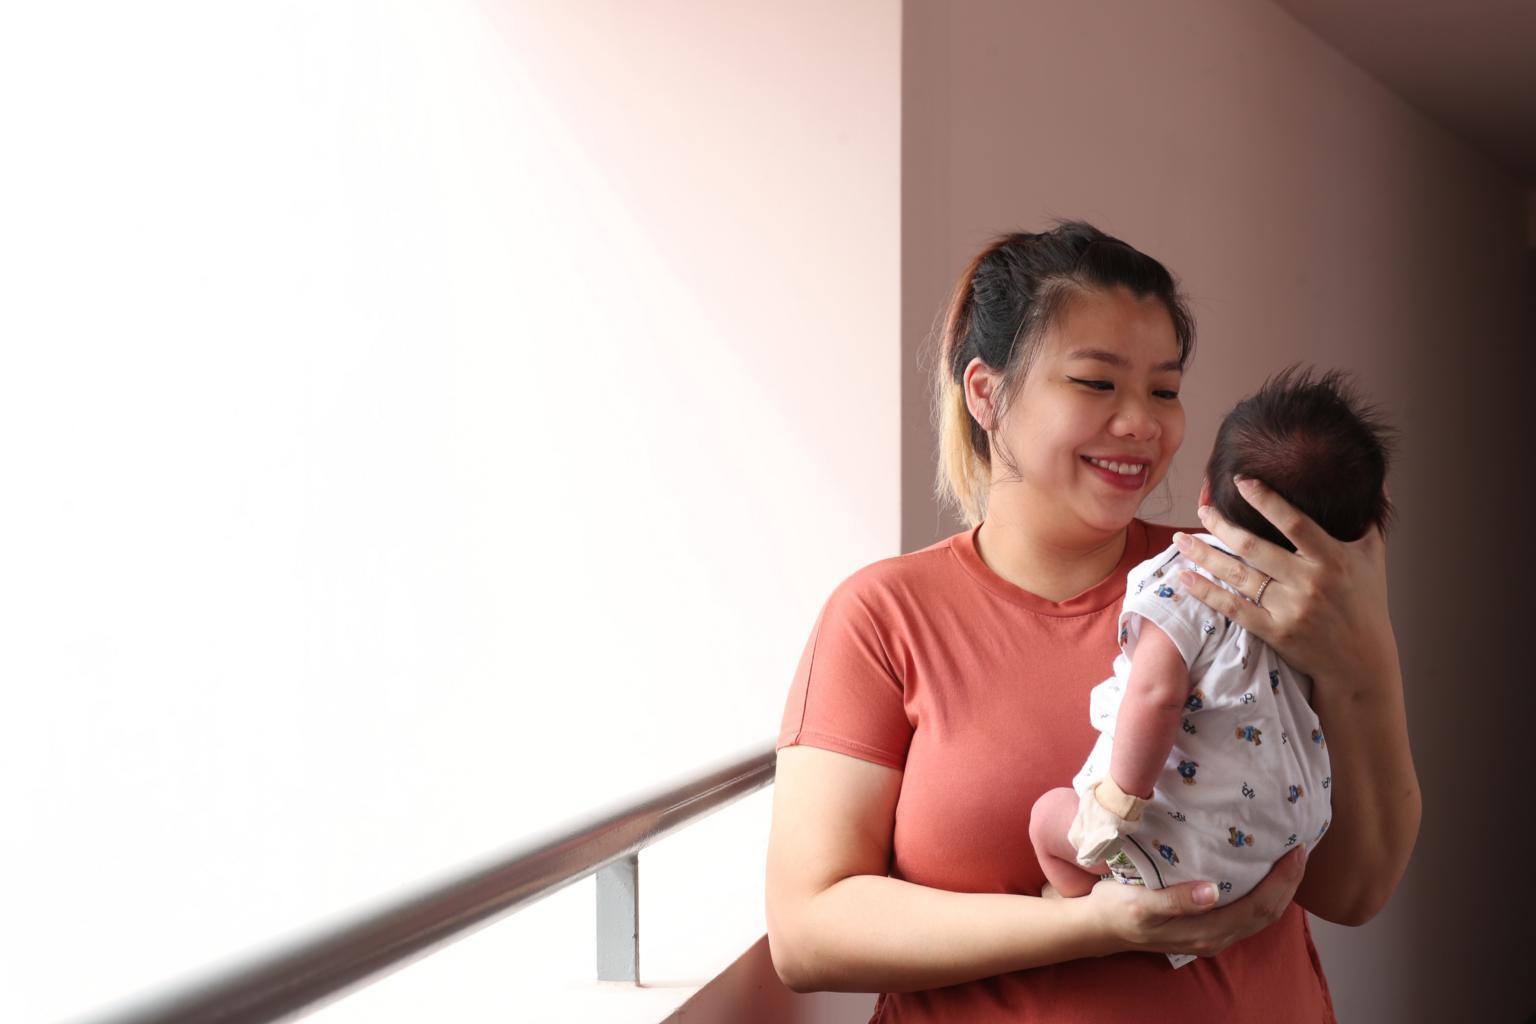 【情趣内衣模特写真】_新加坡一孕妇感染新冠 新生男婴自带抗体